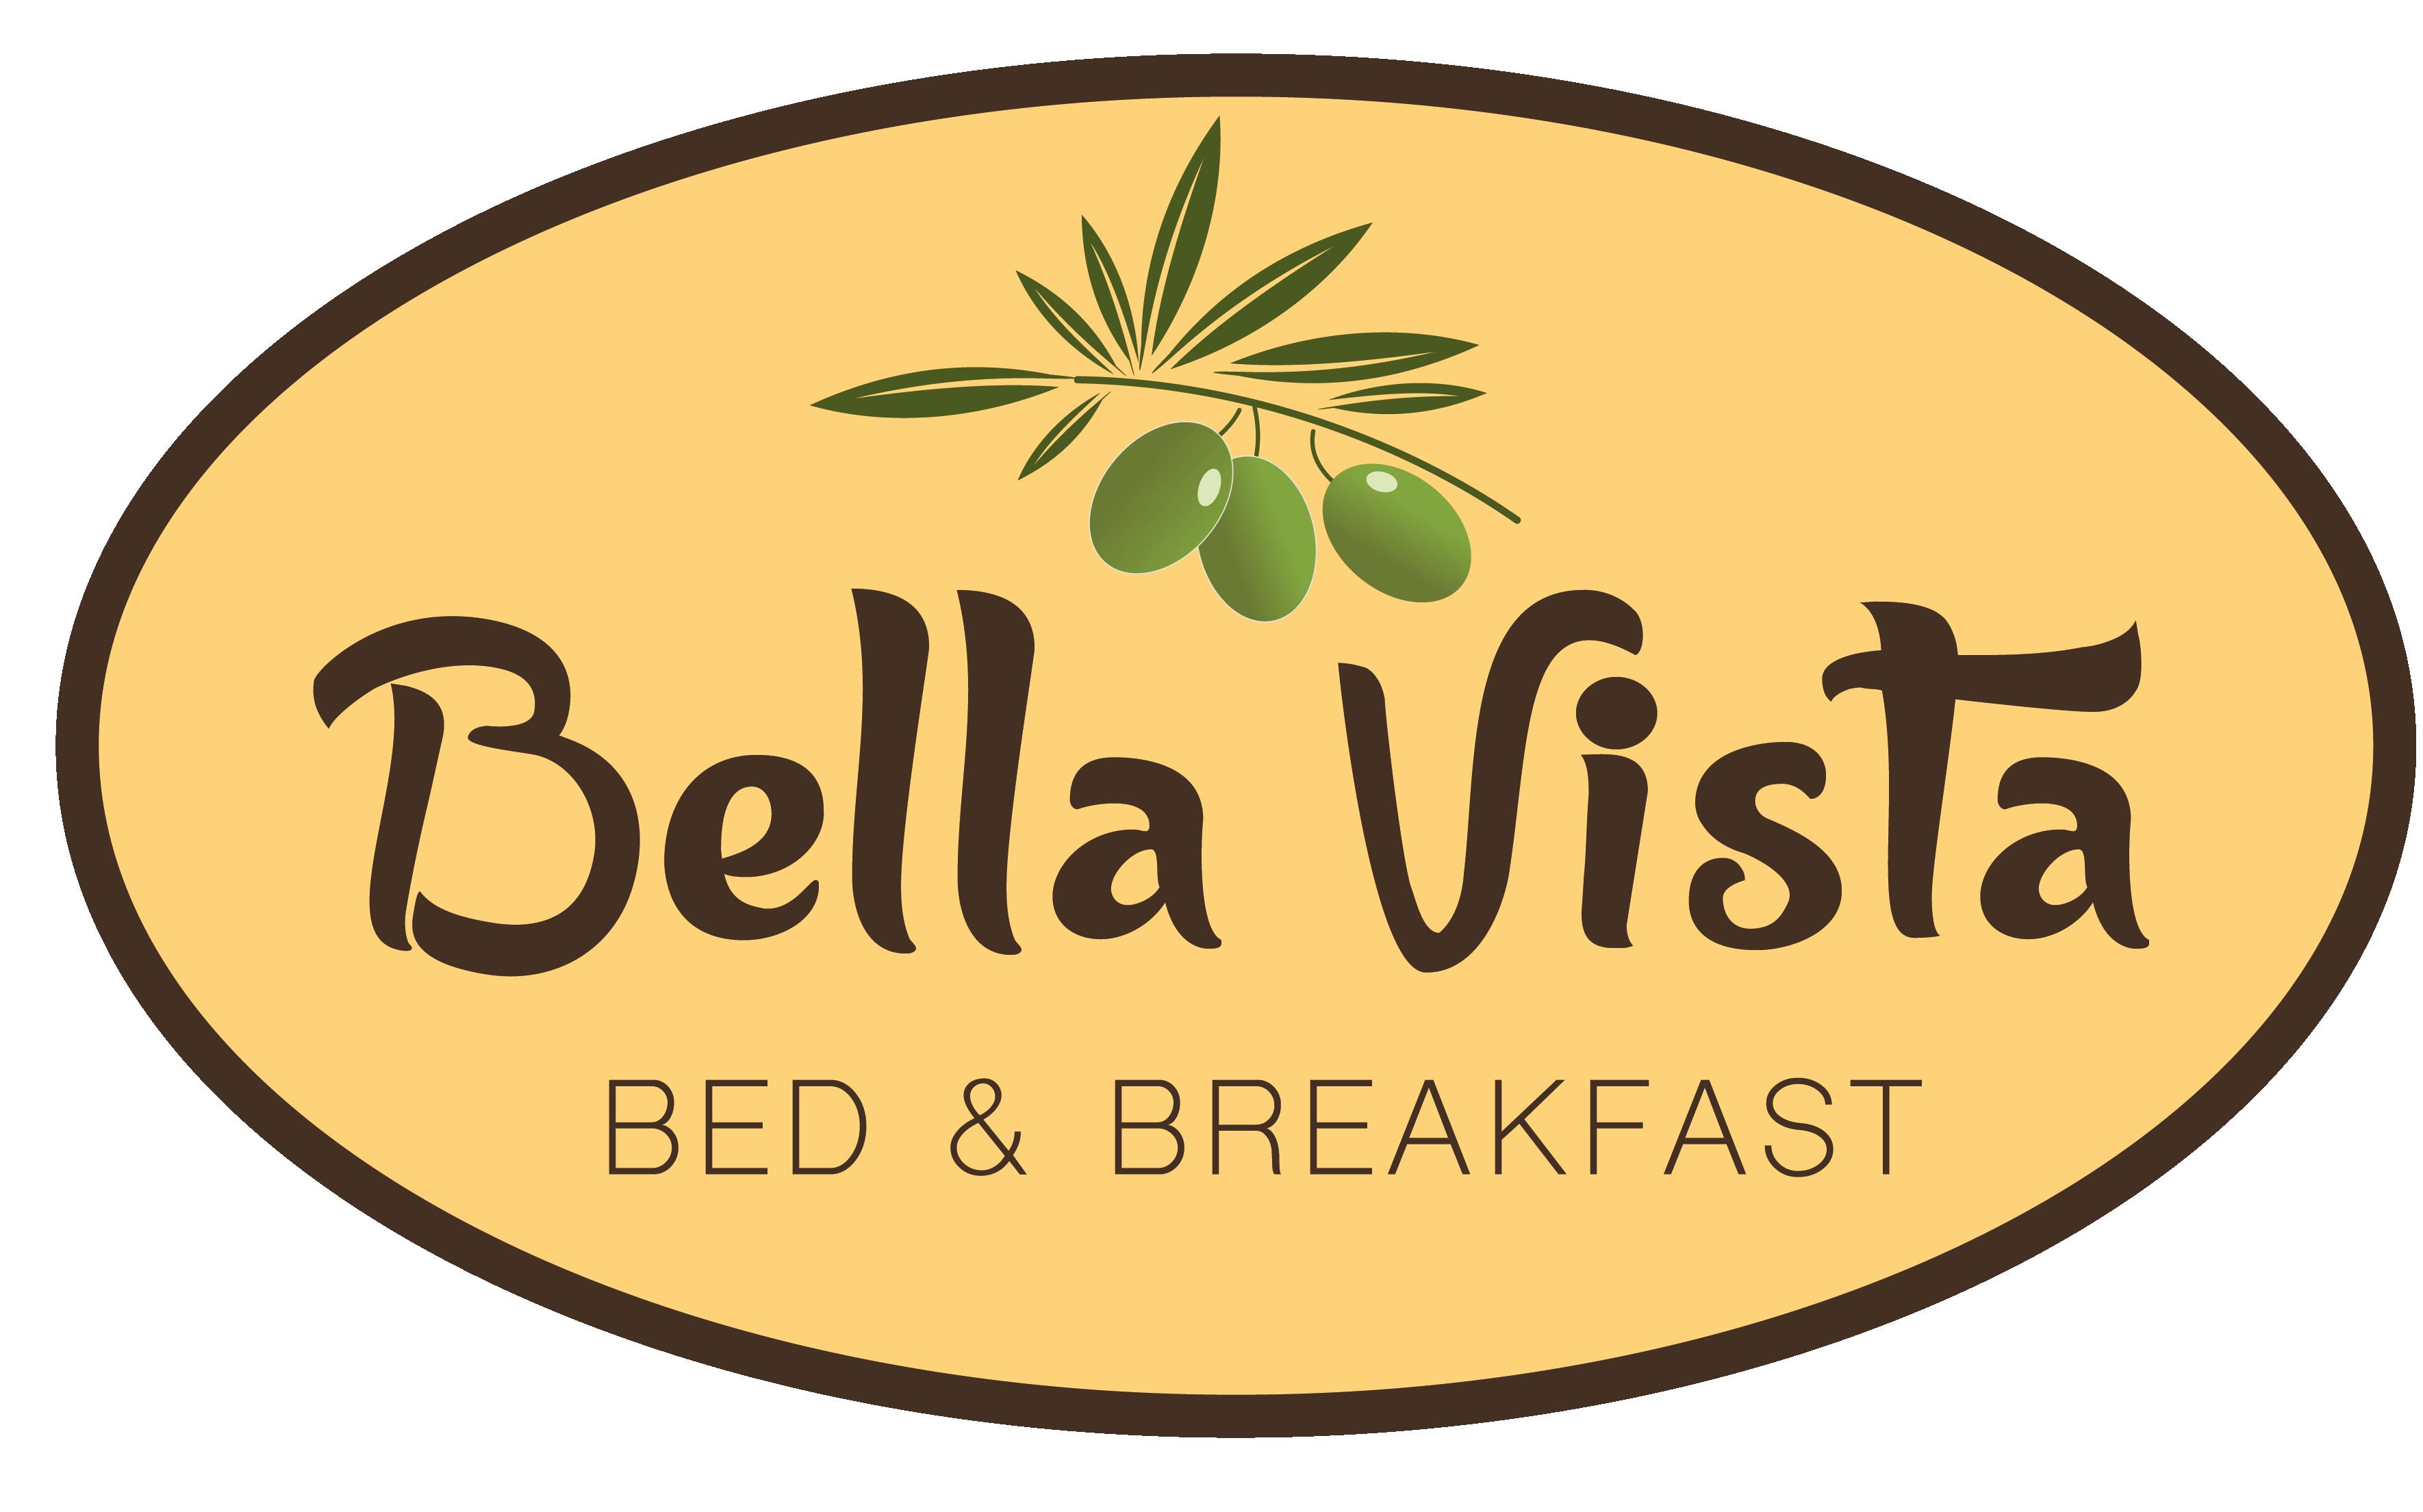 Benvenuti al Bella Vista